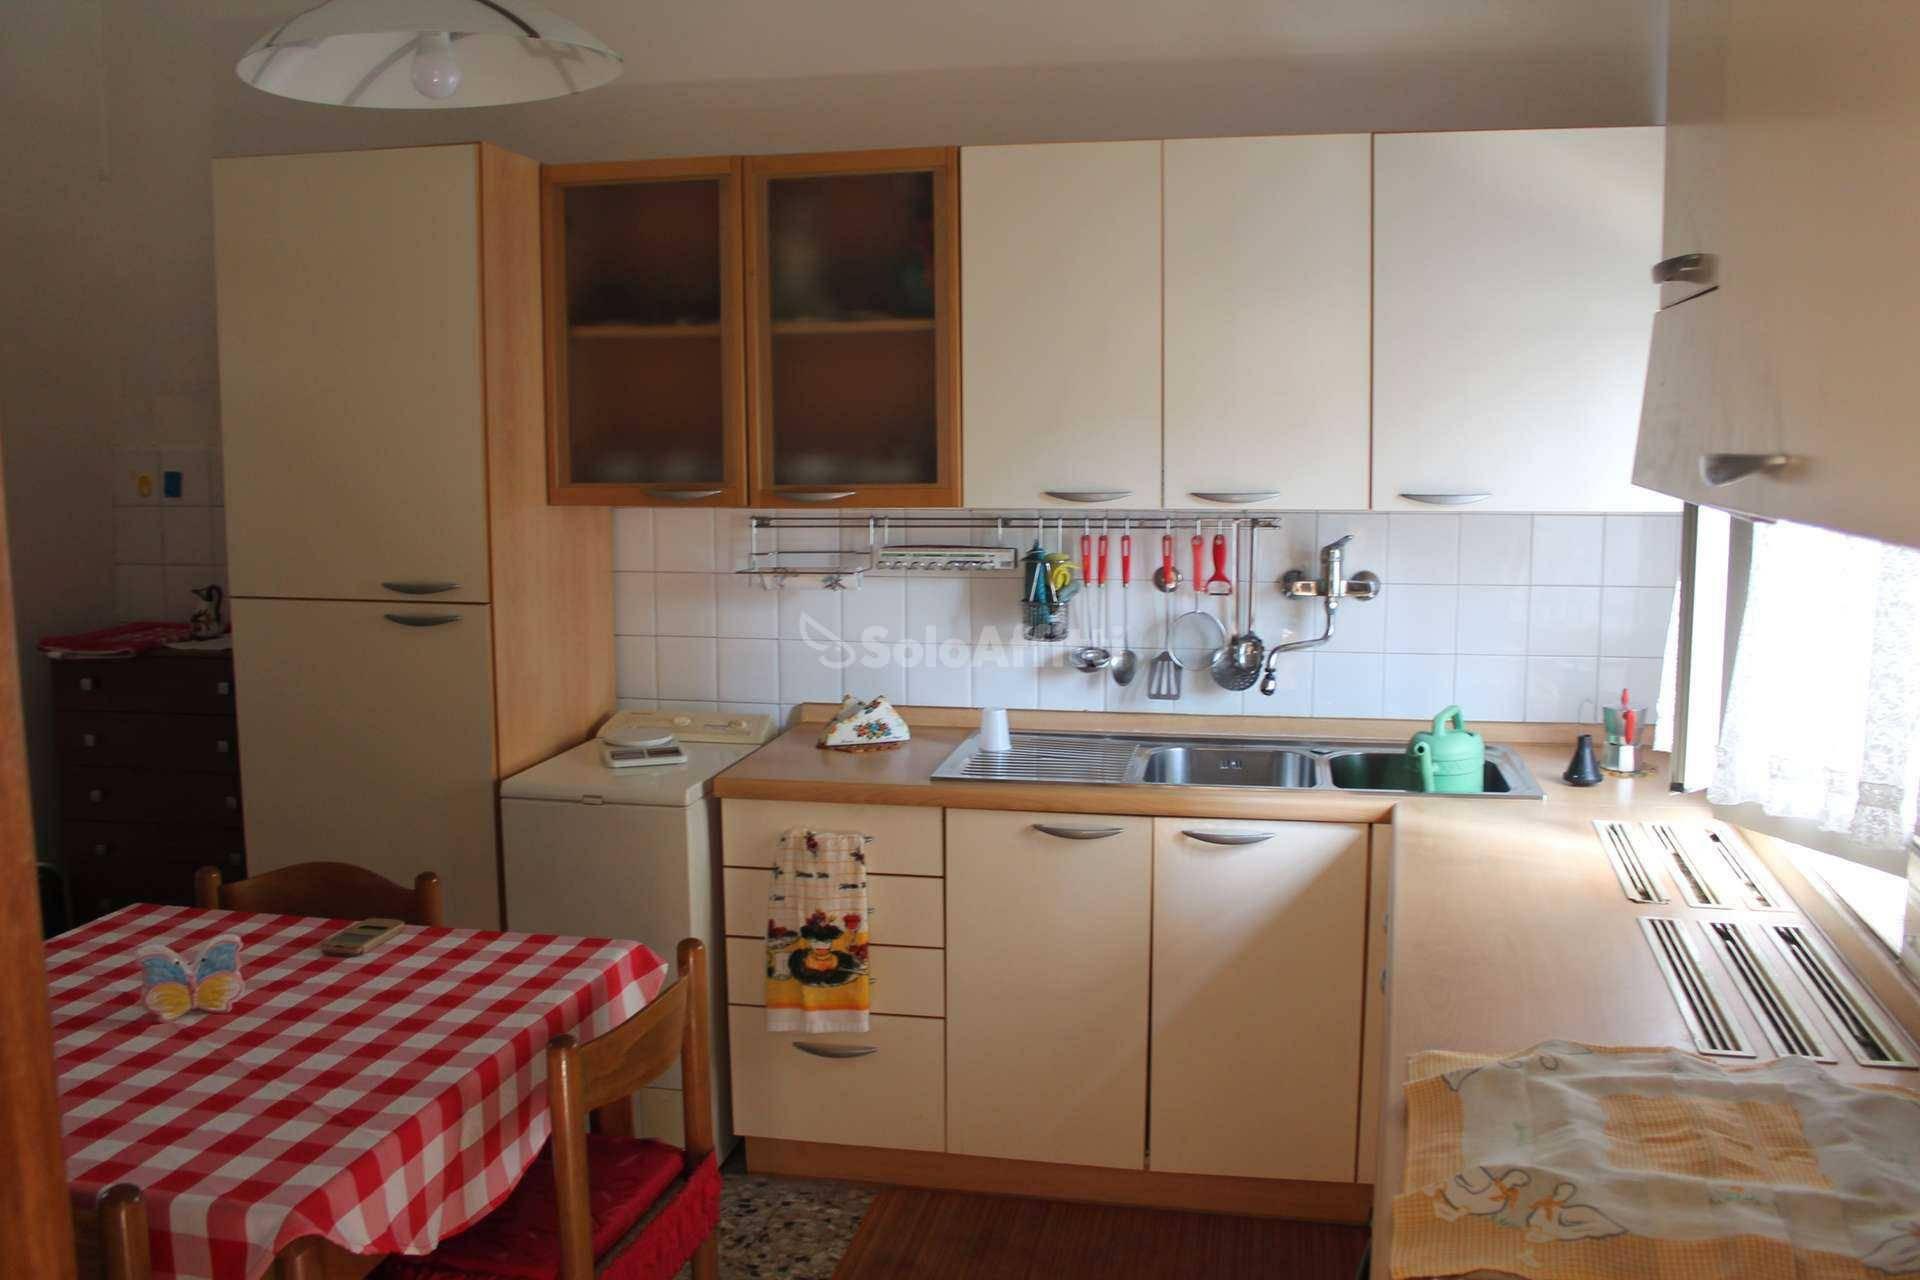 Soluzione Indipendente in affitto a San Benedetto del Tronto, 3 locali, zona Località: Centralissima, prezzo € 450 | CambioCasa.it